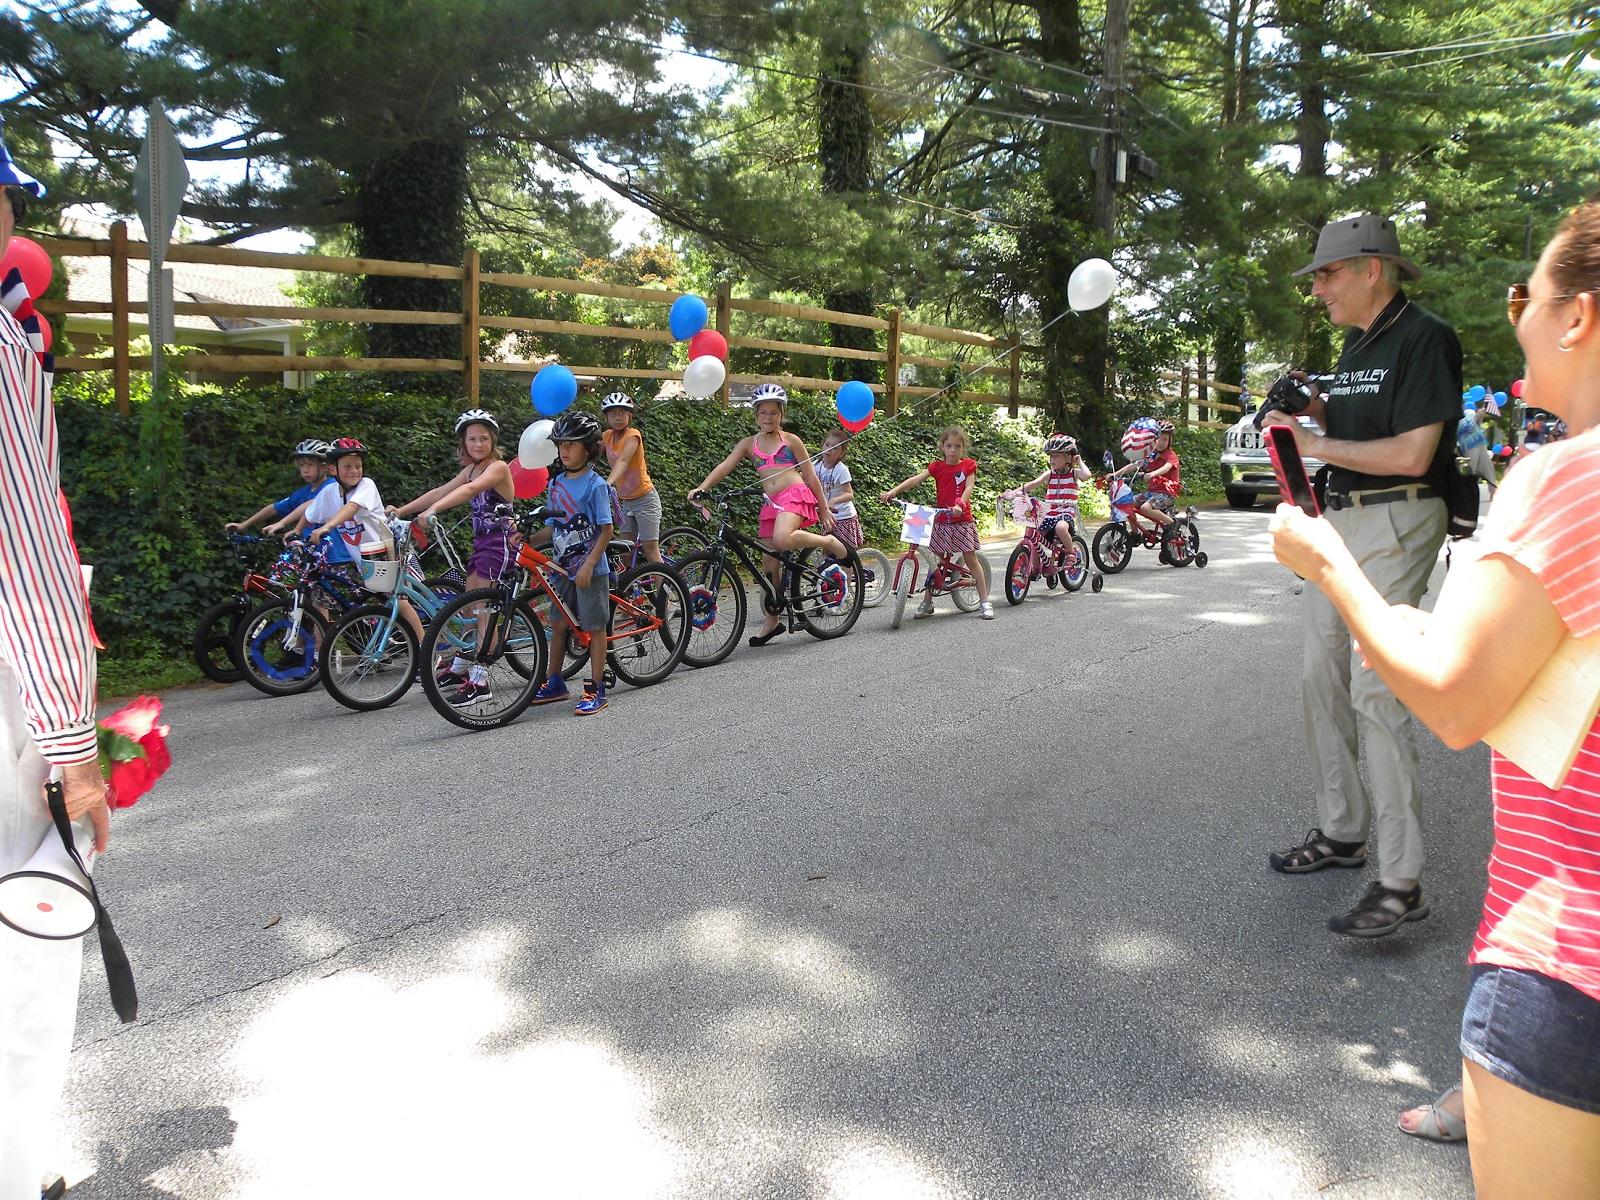 bikes on parade.jpg